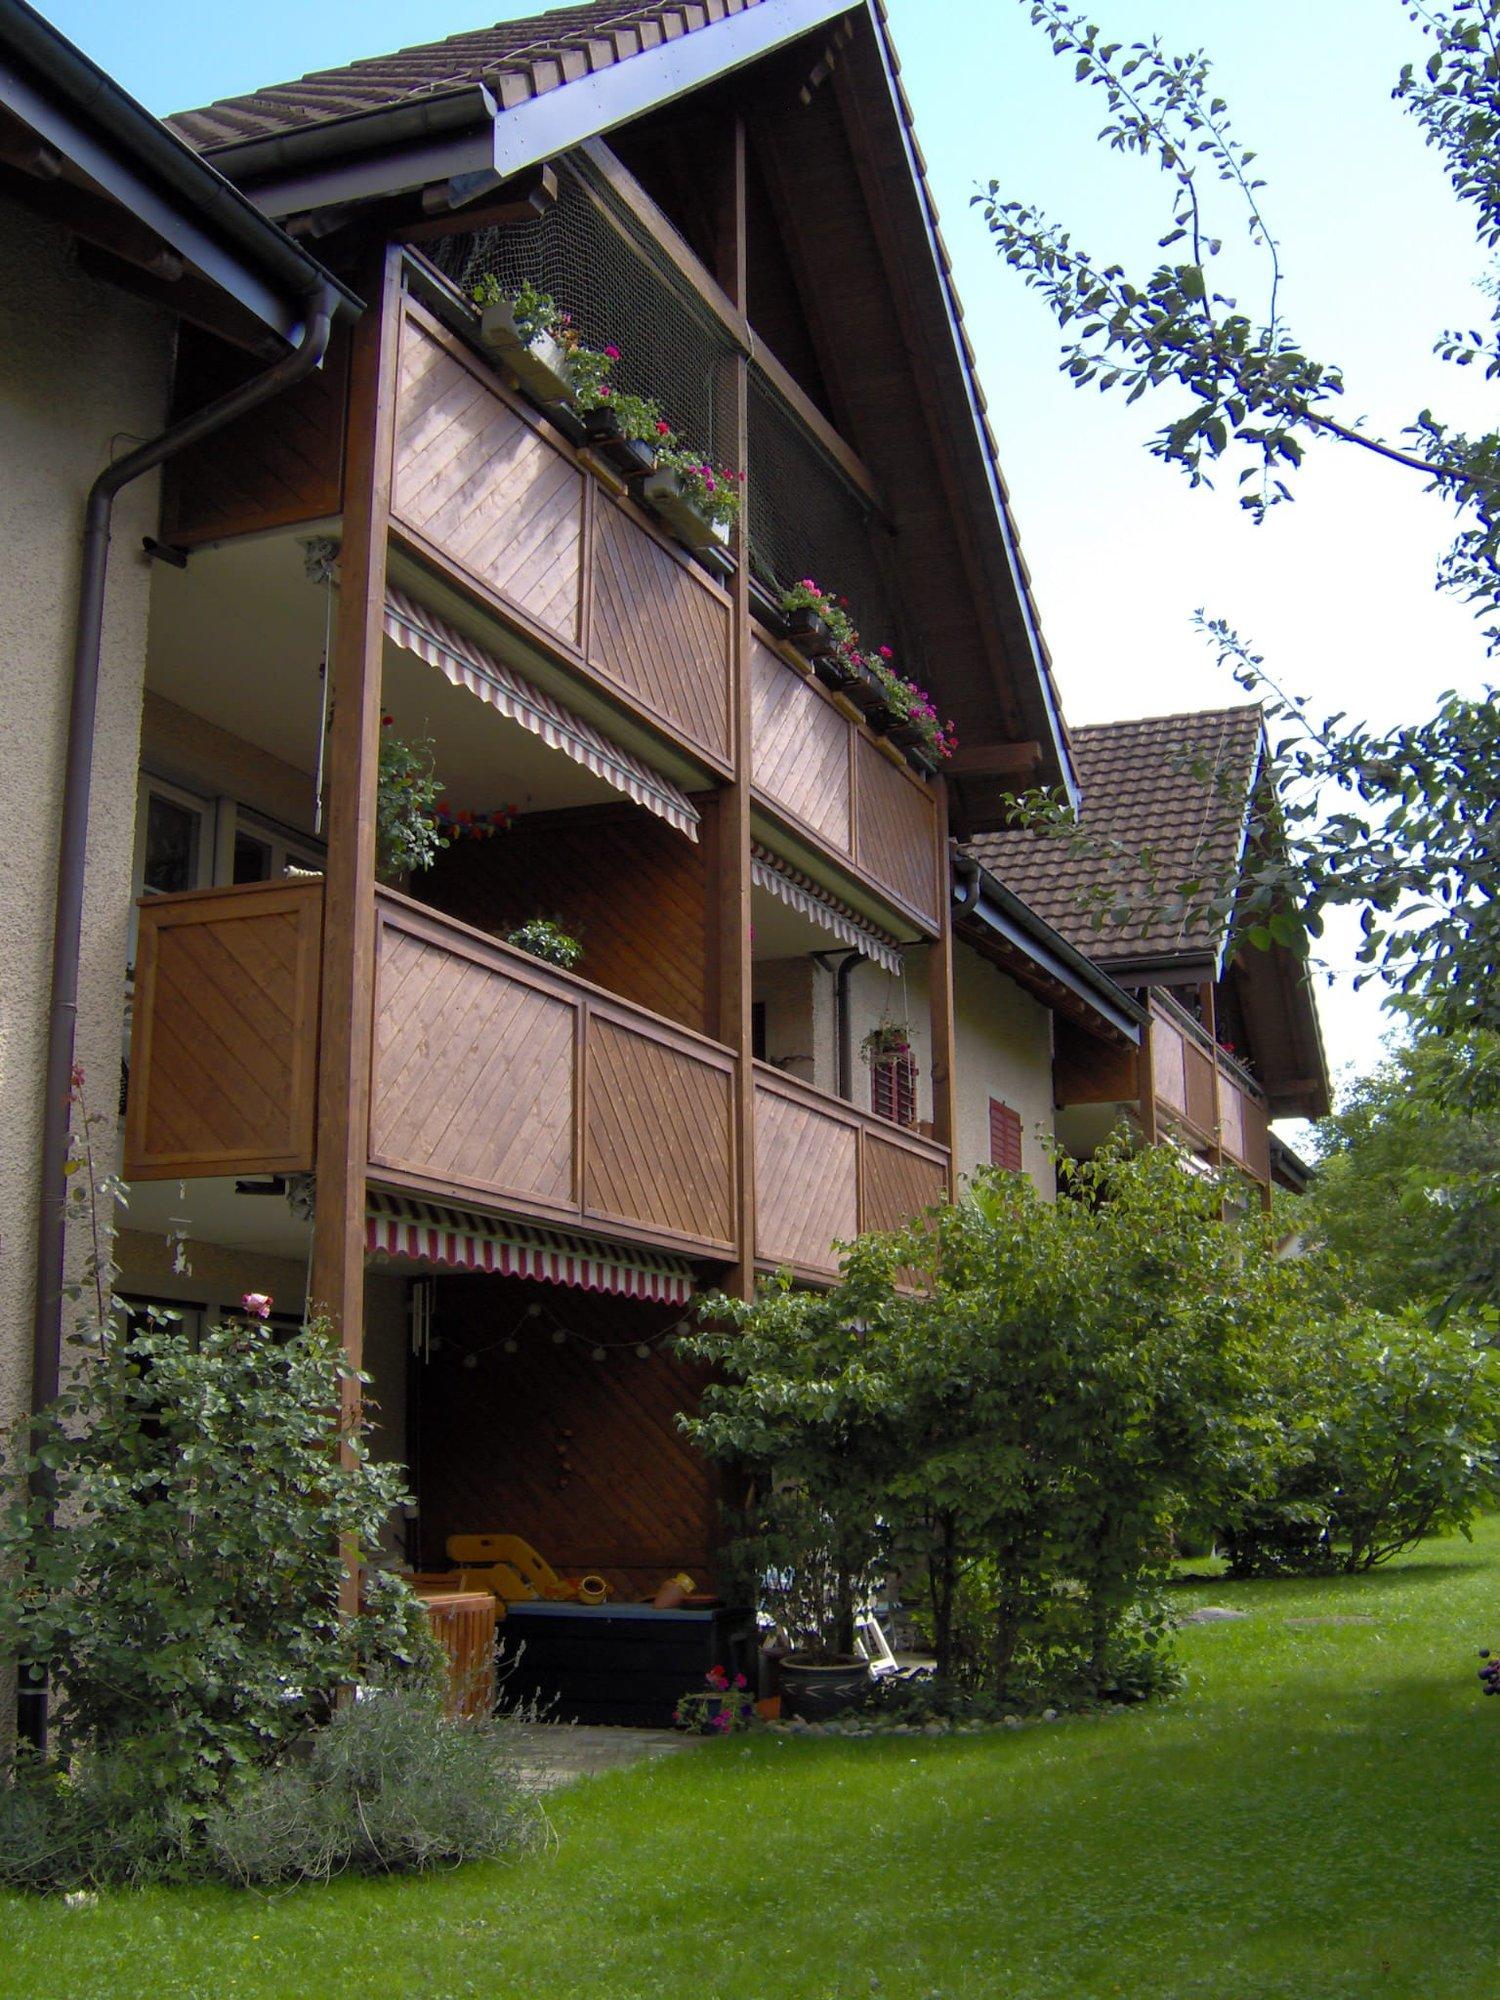 Schmittegass 19